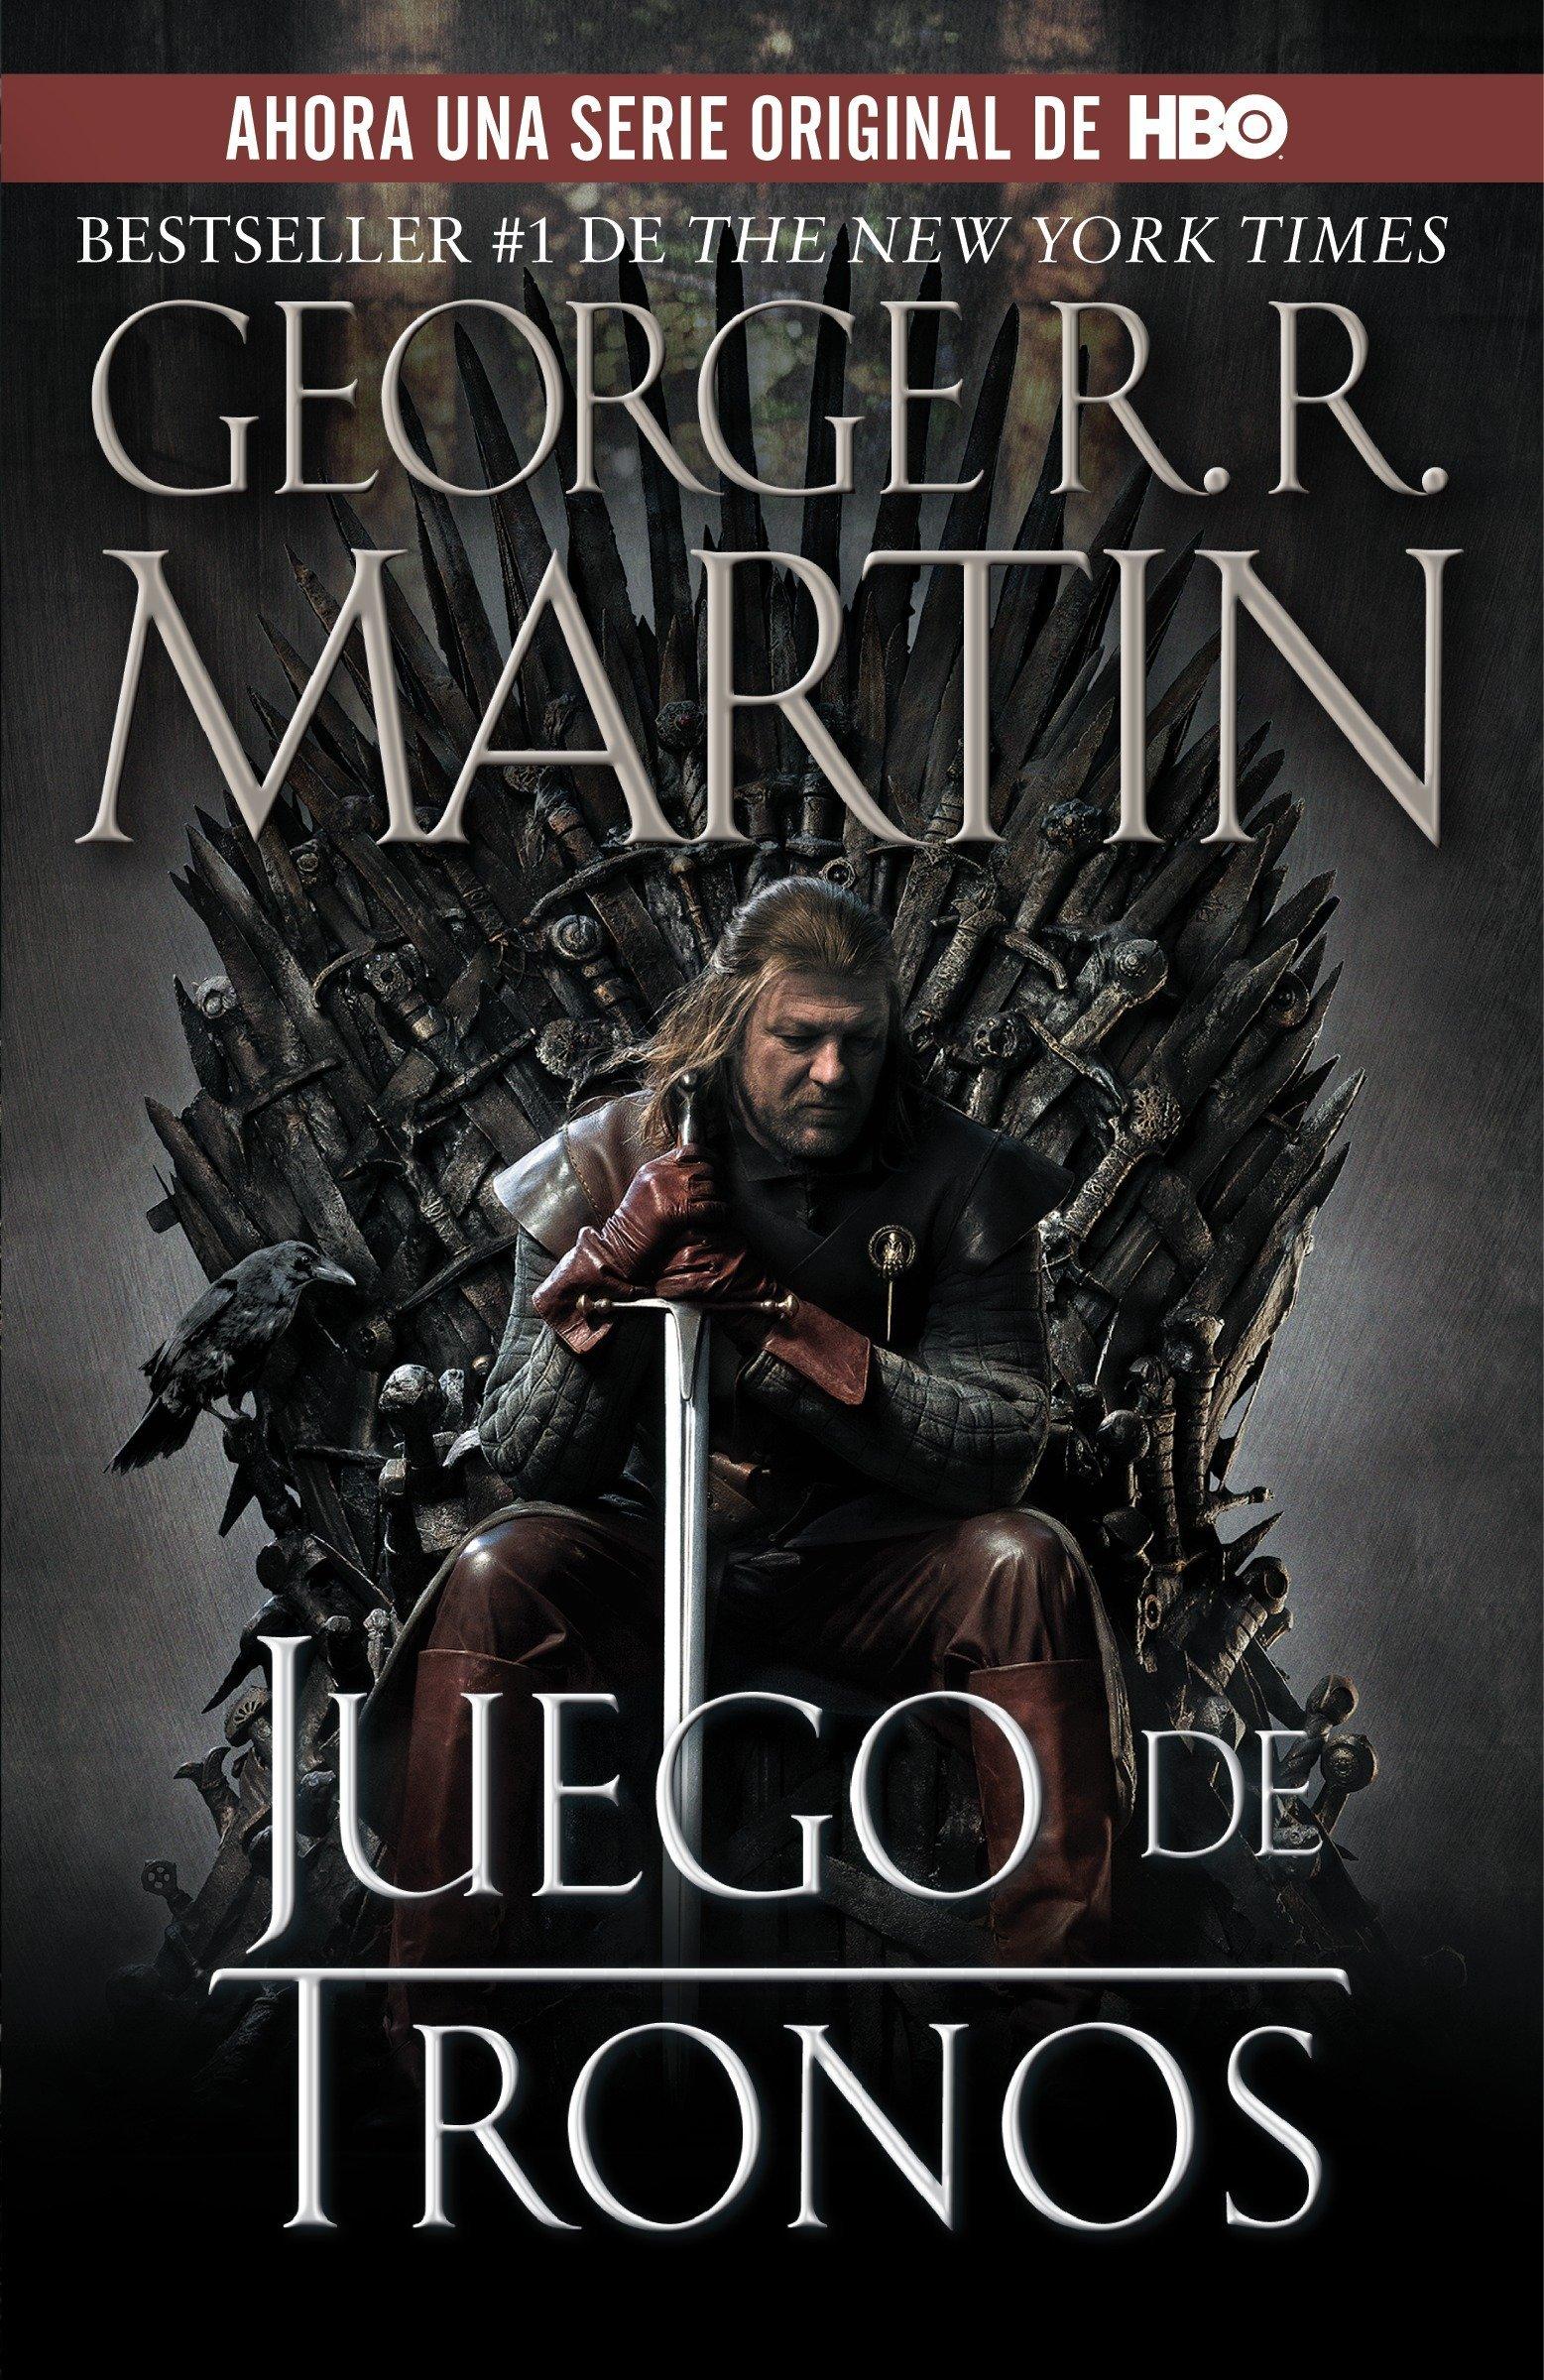 Juego de Tronos (Spanish Edition) PDF